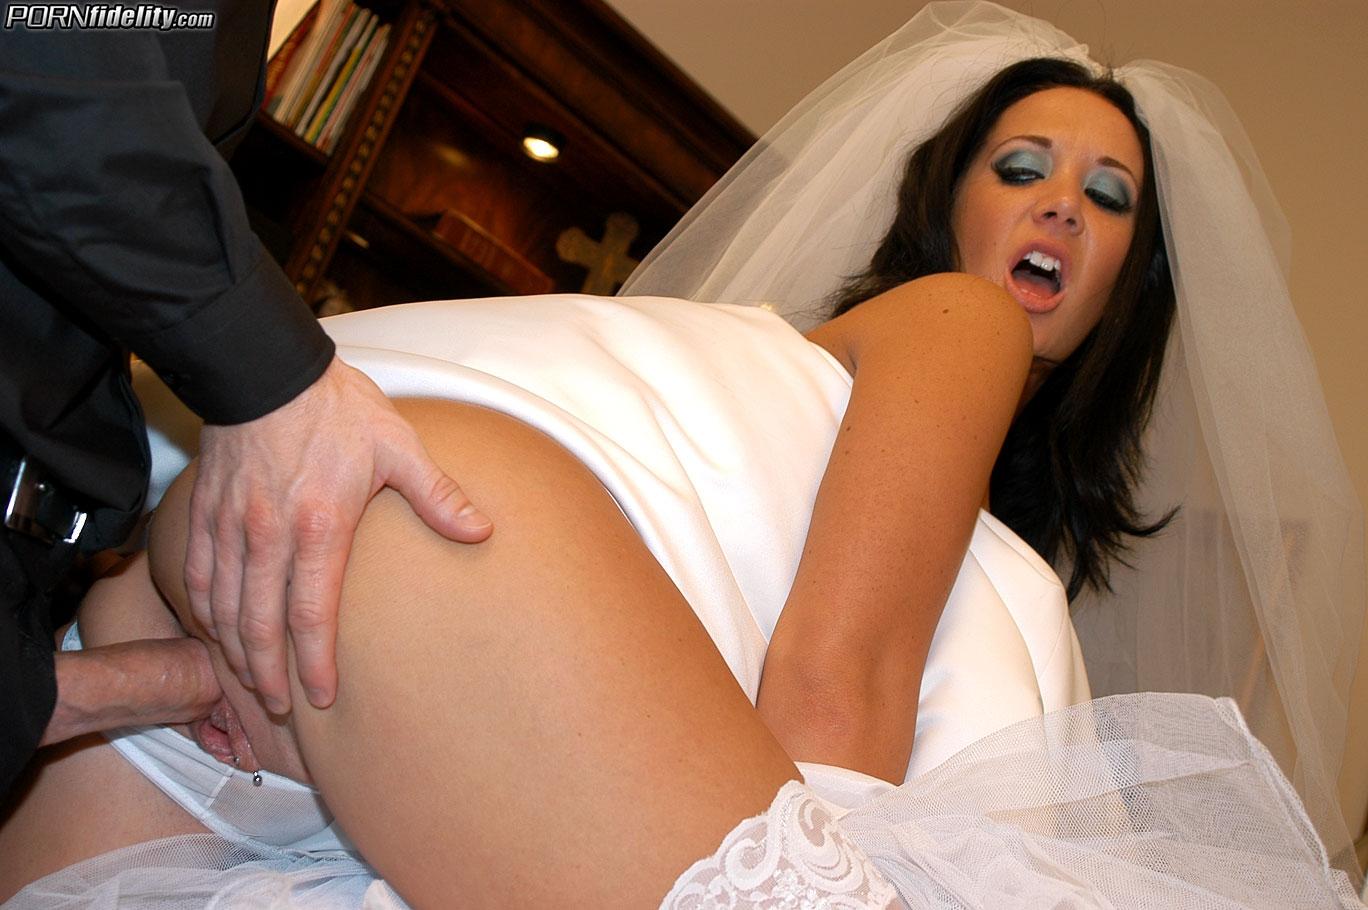 Невеста голая порно видео онлайн удивили